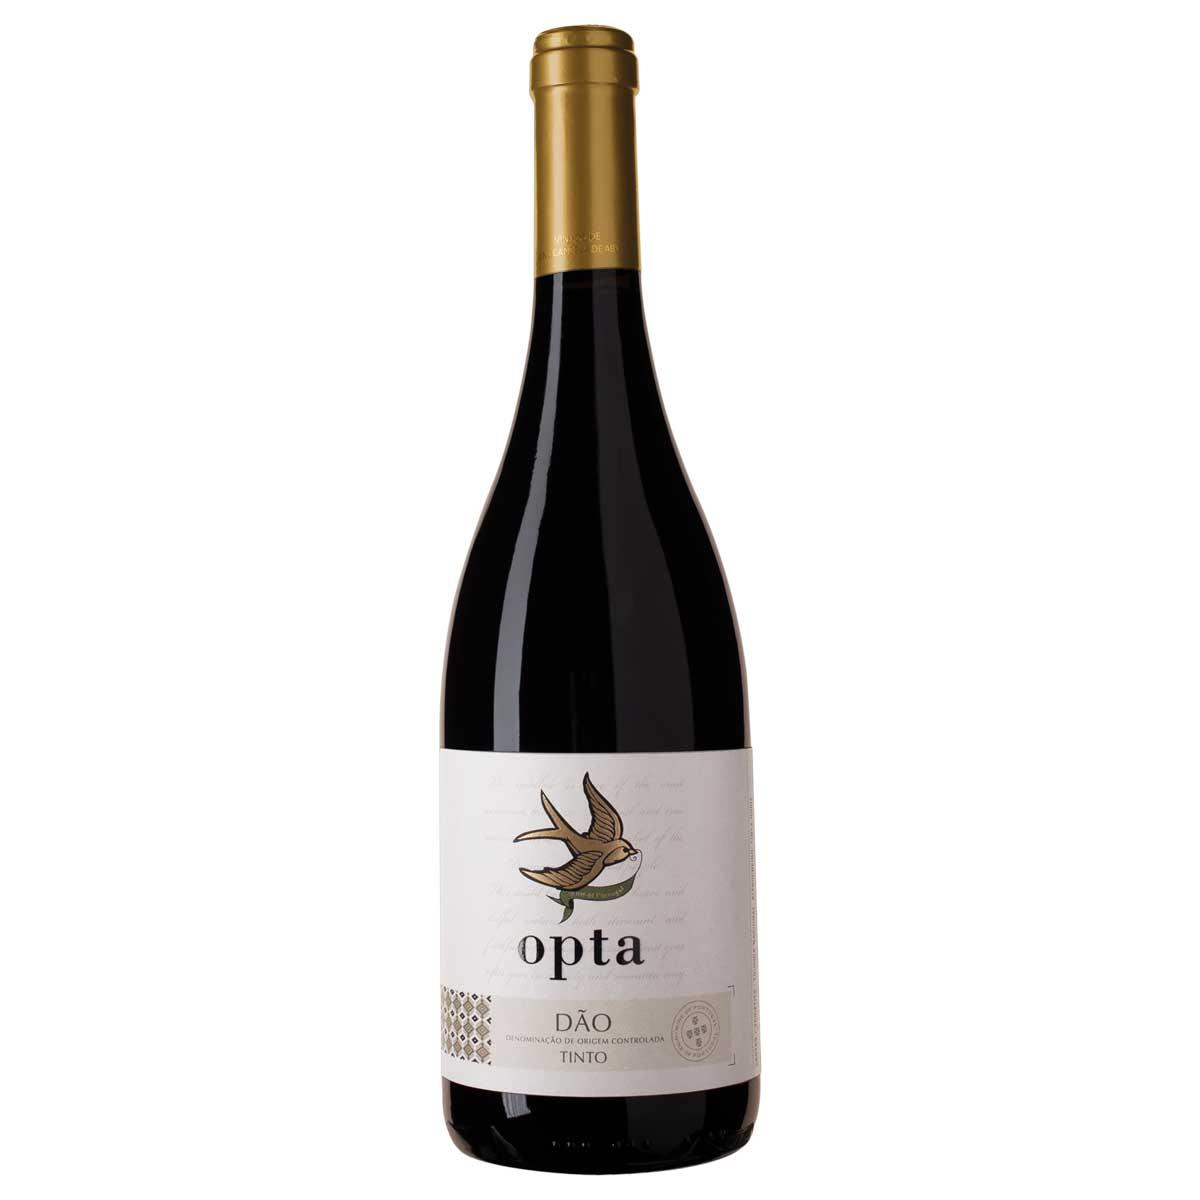 Vinho Tinto Português Opta Dão 2017 750ml